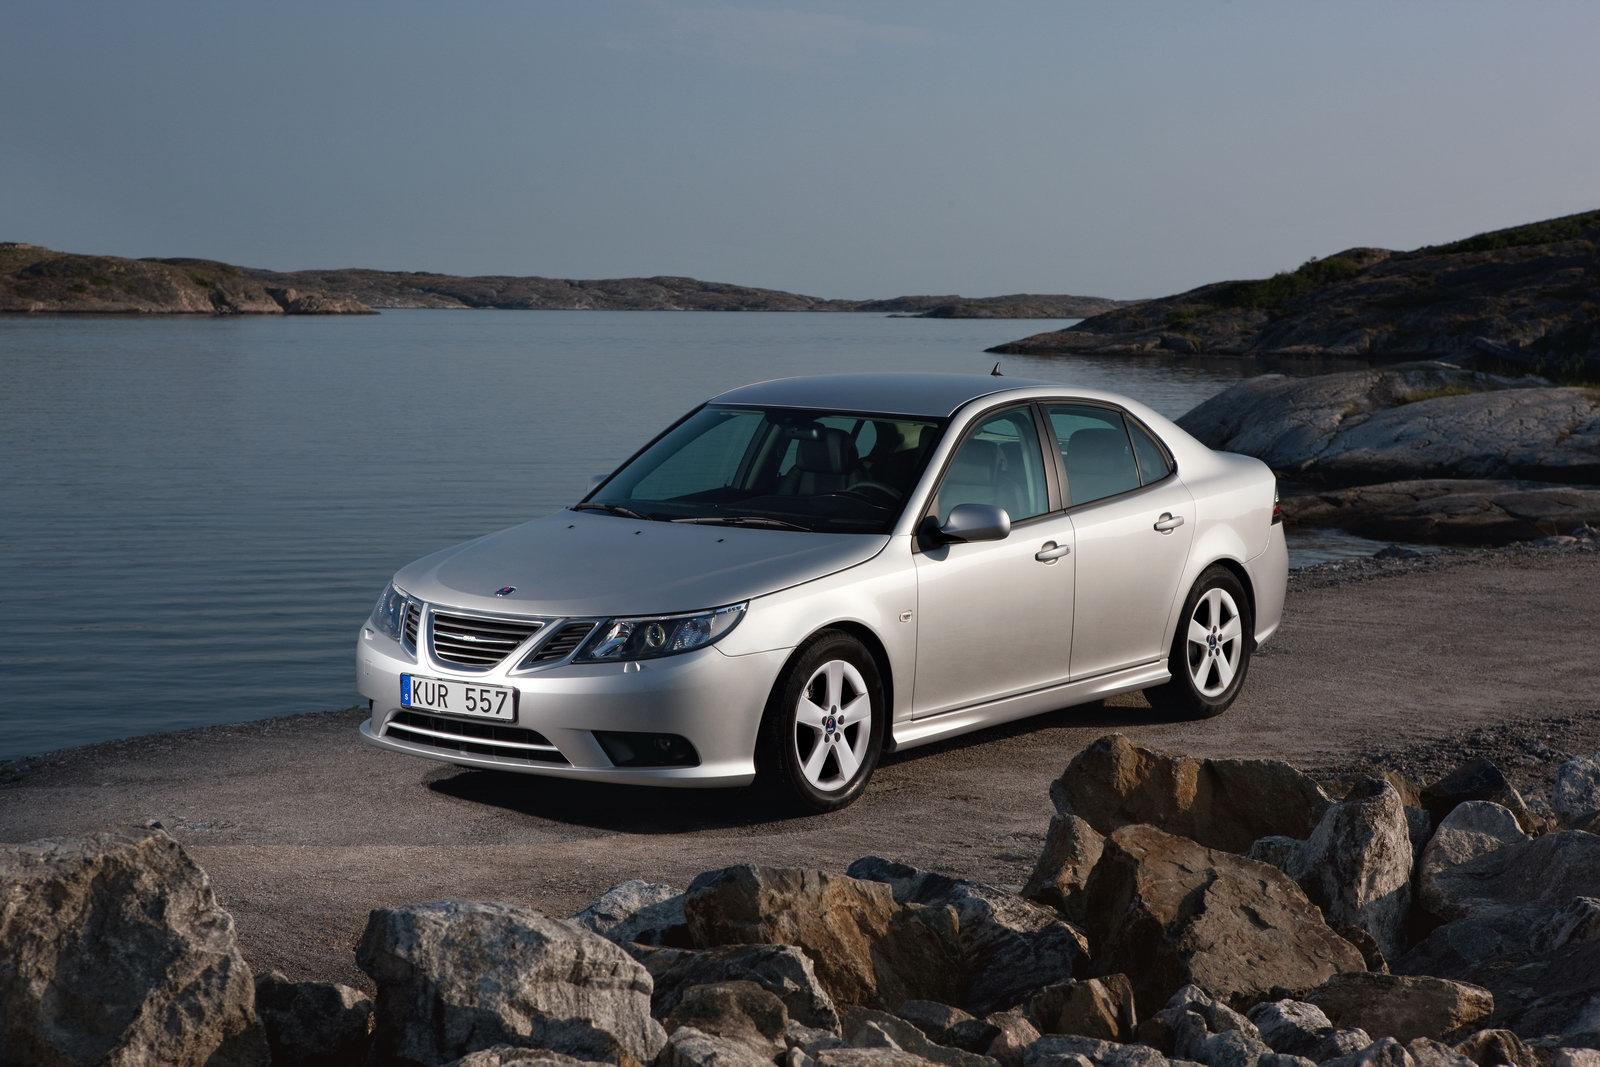 2011 Saab 9 3 Image 14